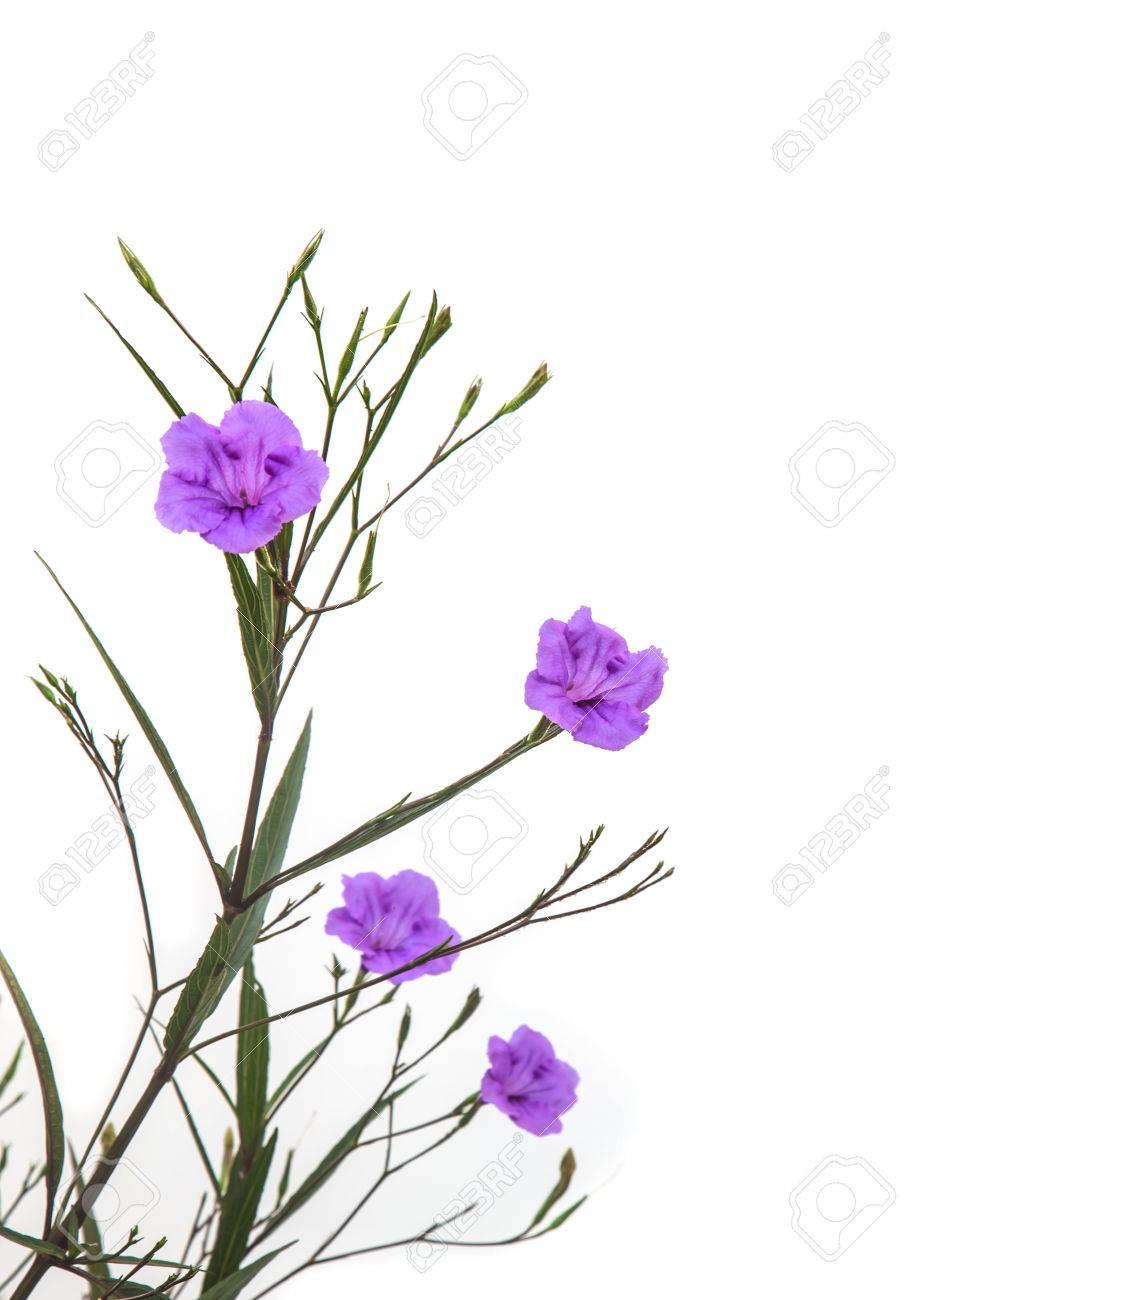 Ruellia Plante Tubereuse Avec Fleur Violette Floraison Contre Un